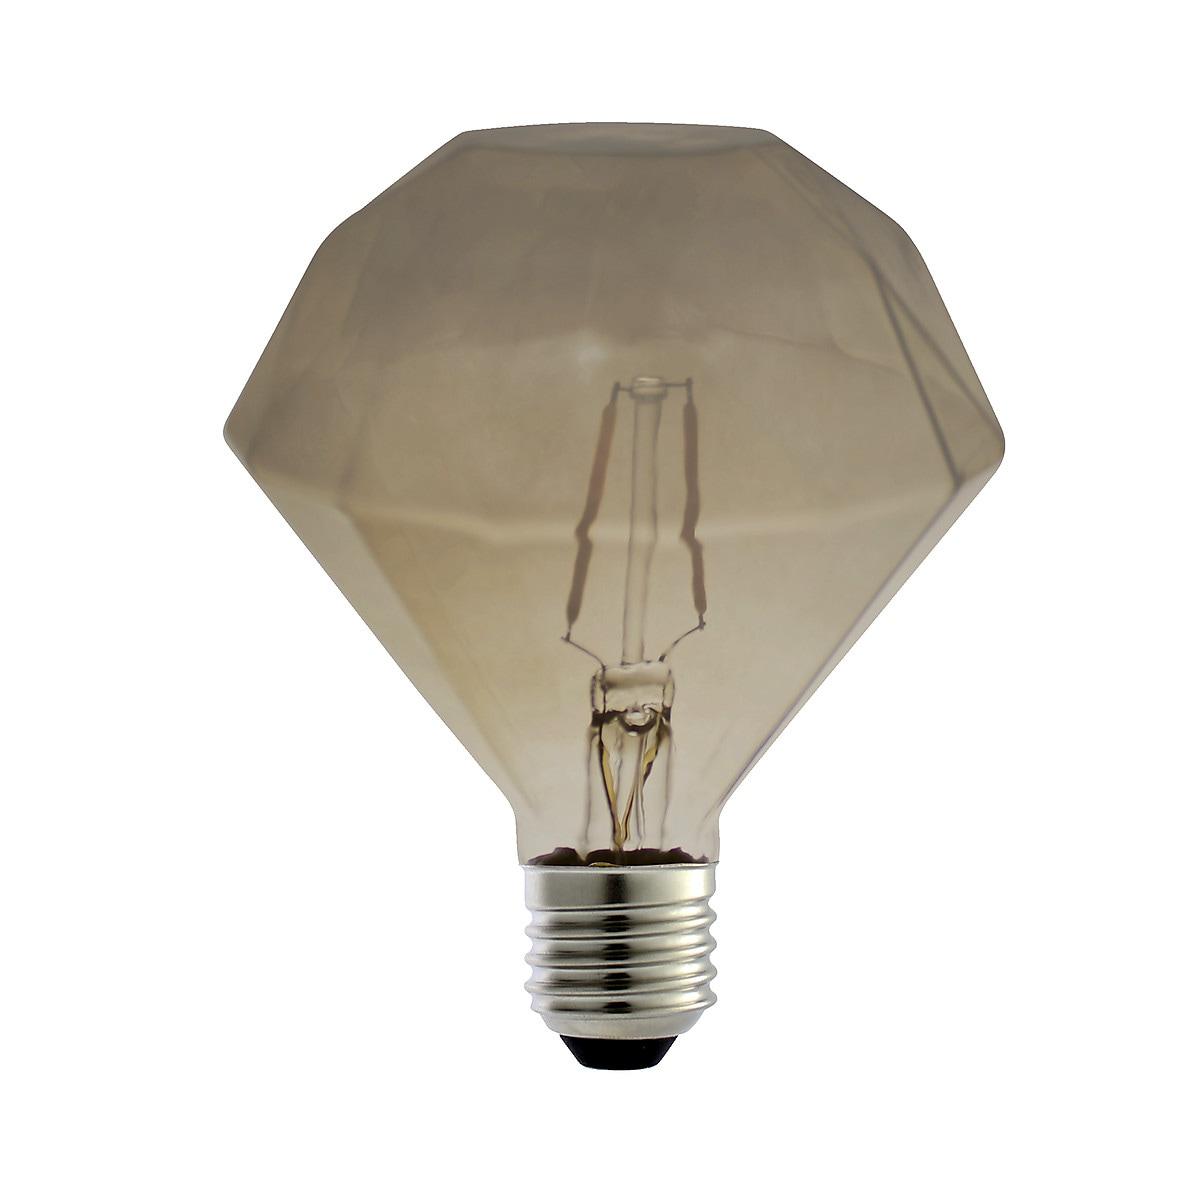 Designad glaslampa LED Northlight